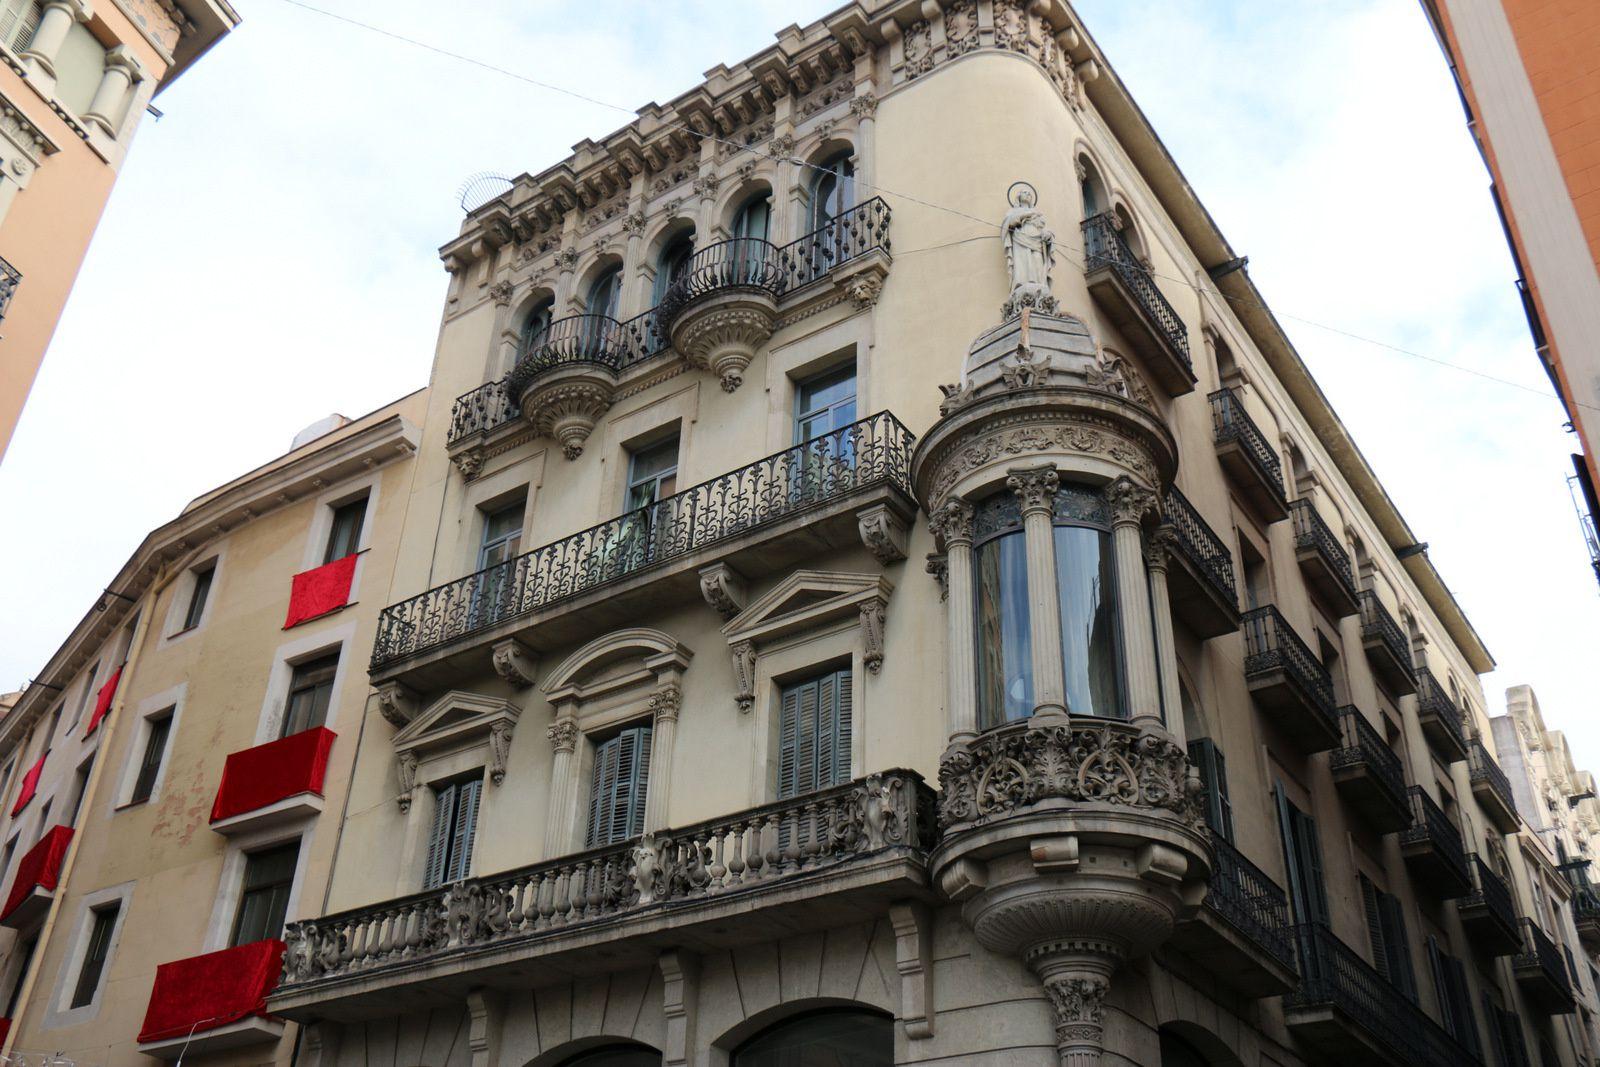 Pla de la Boqueria, Barcelone